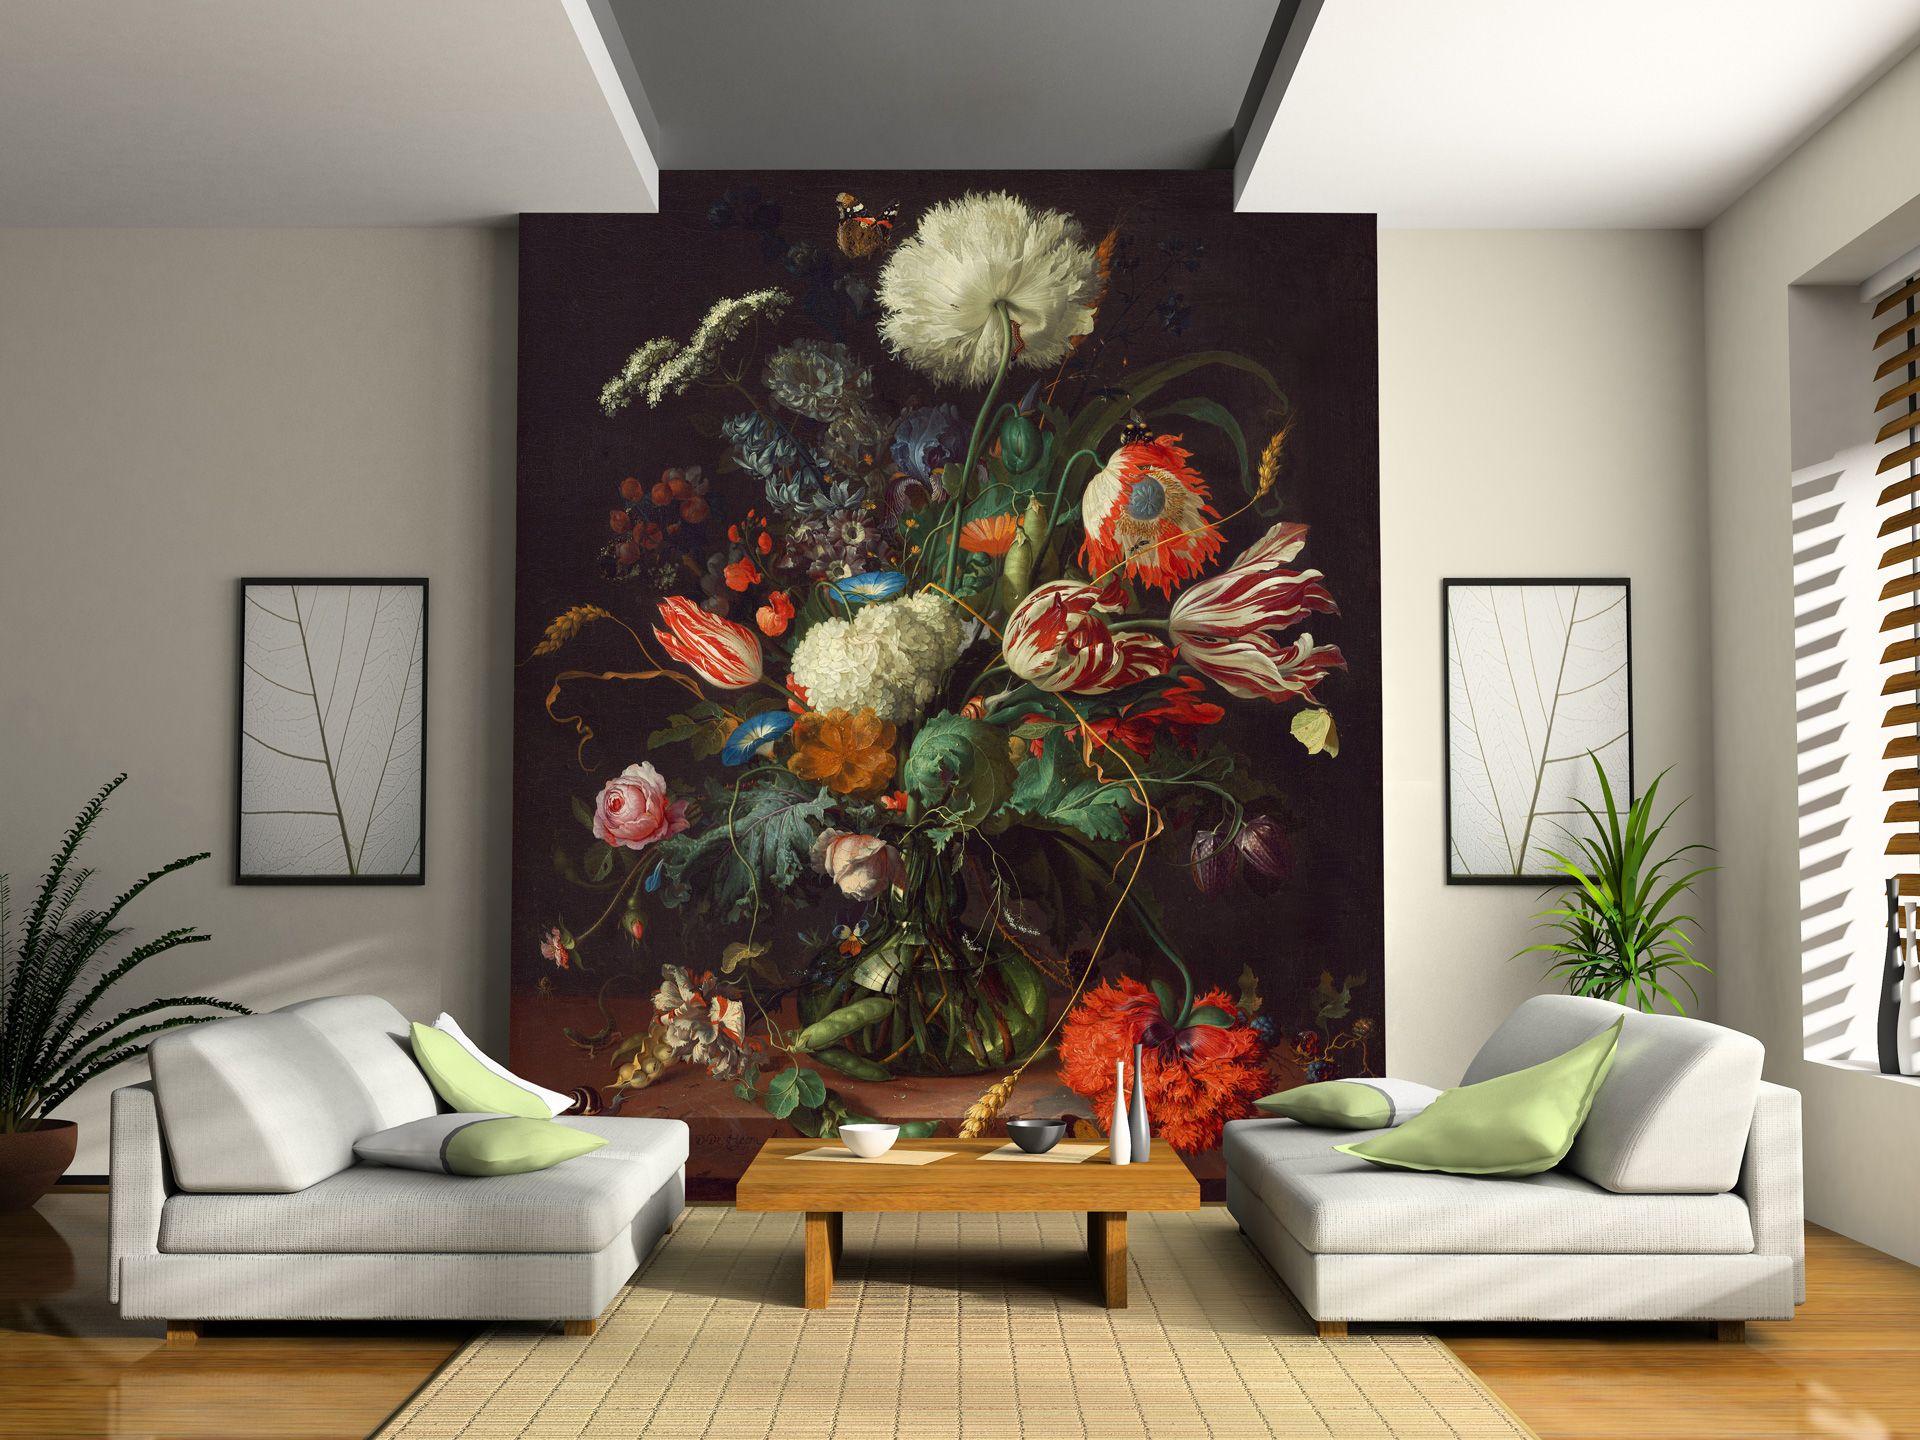 Dutch Flowers On Canvas Wallpaper Murals Flower Pain